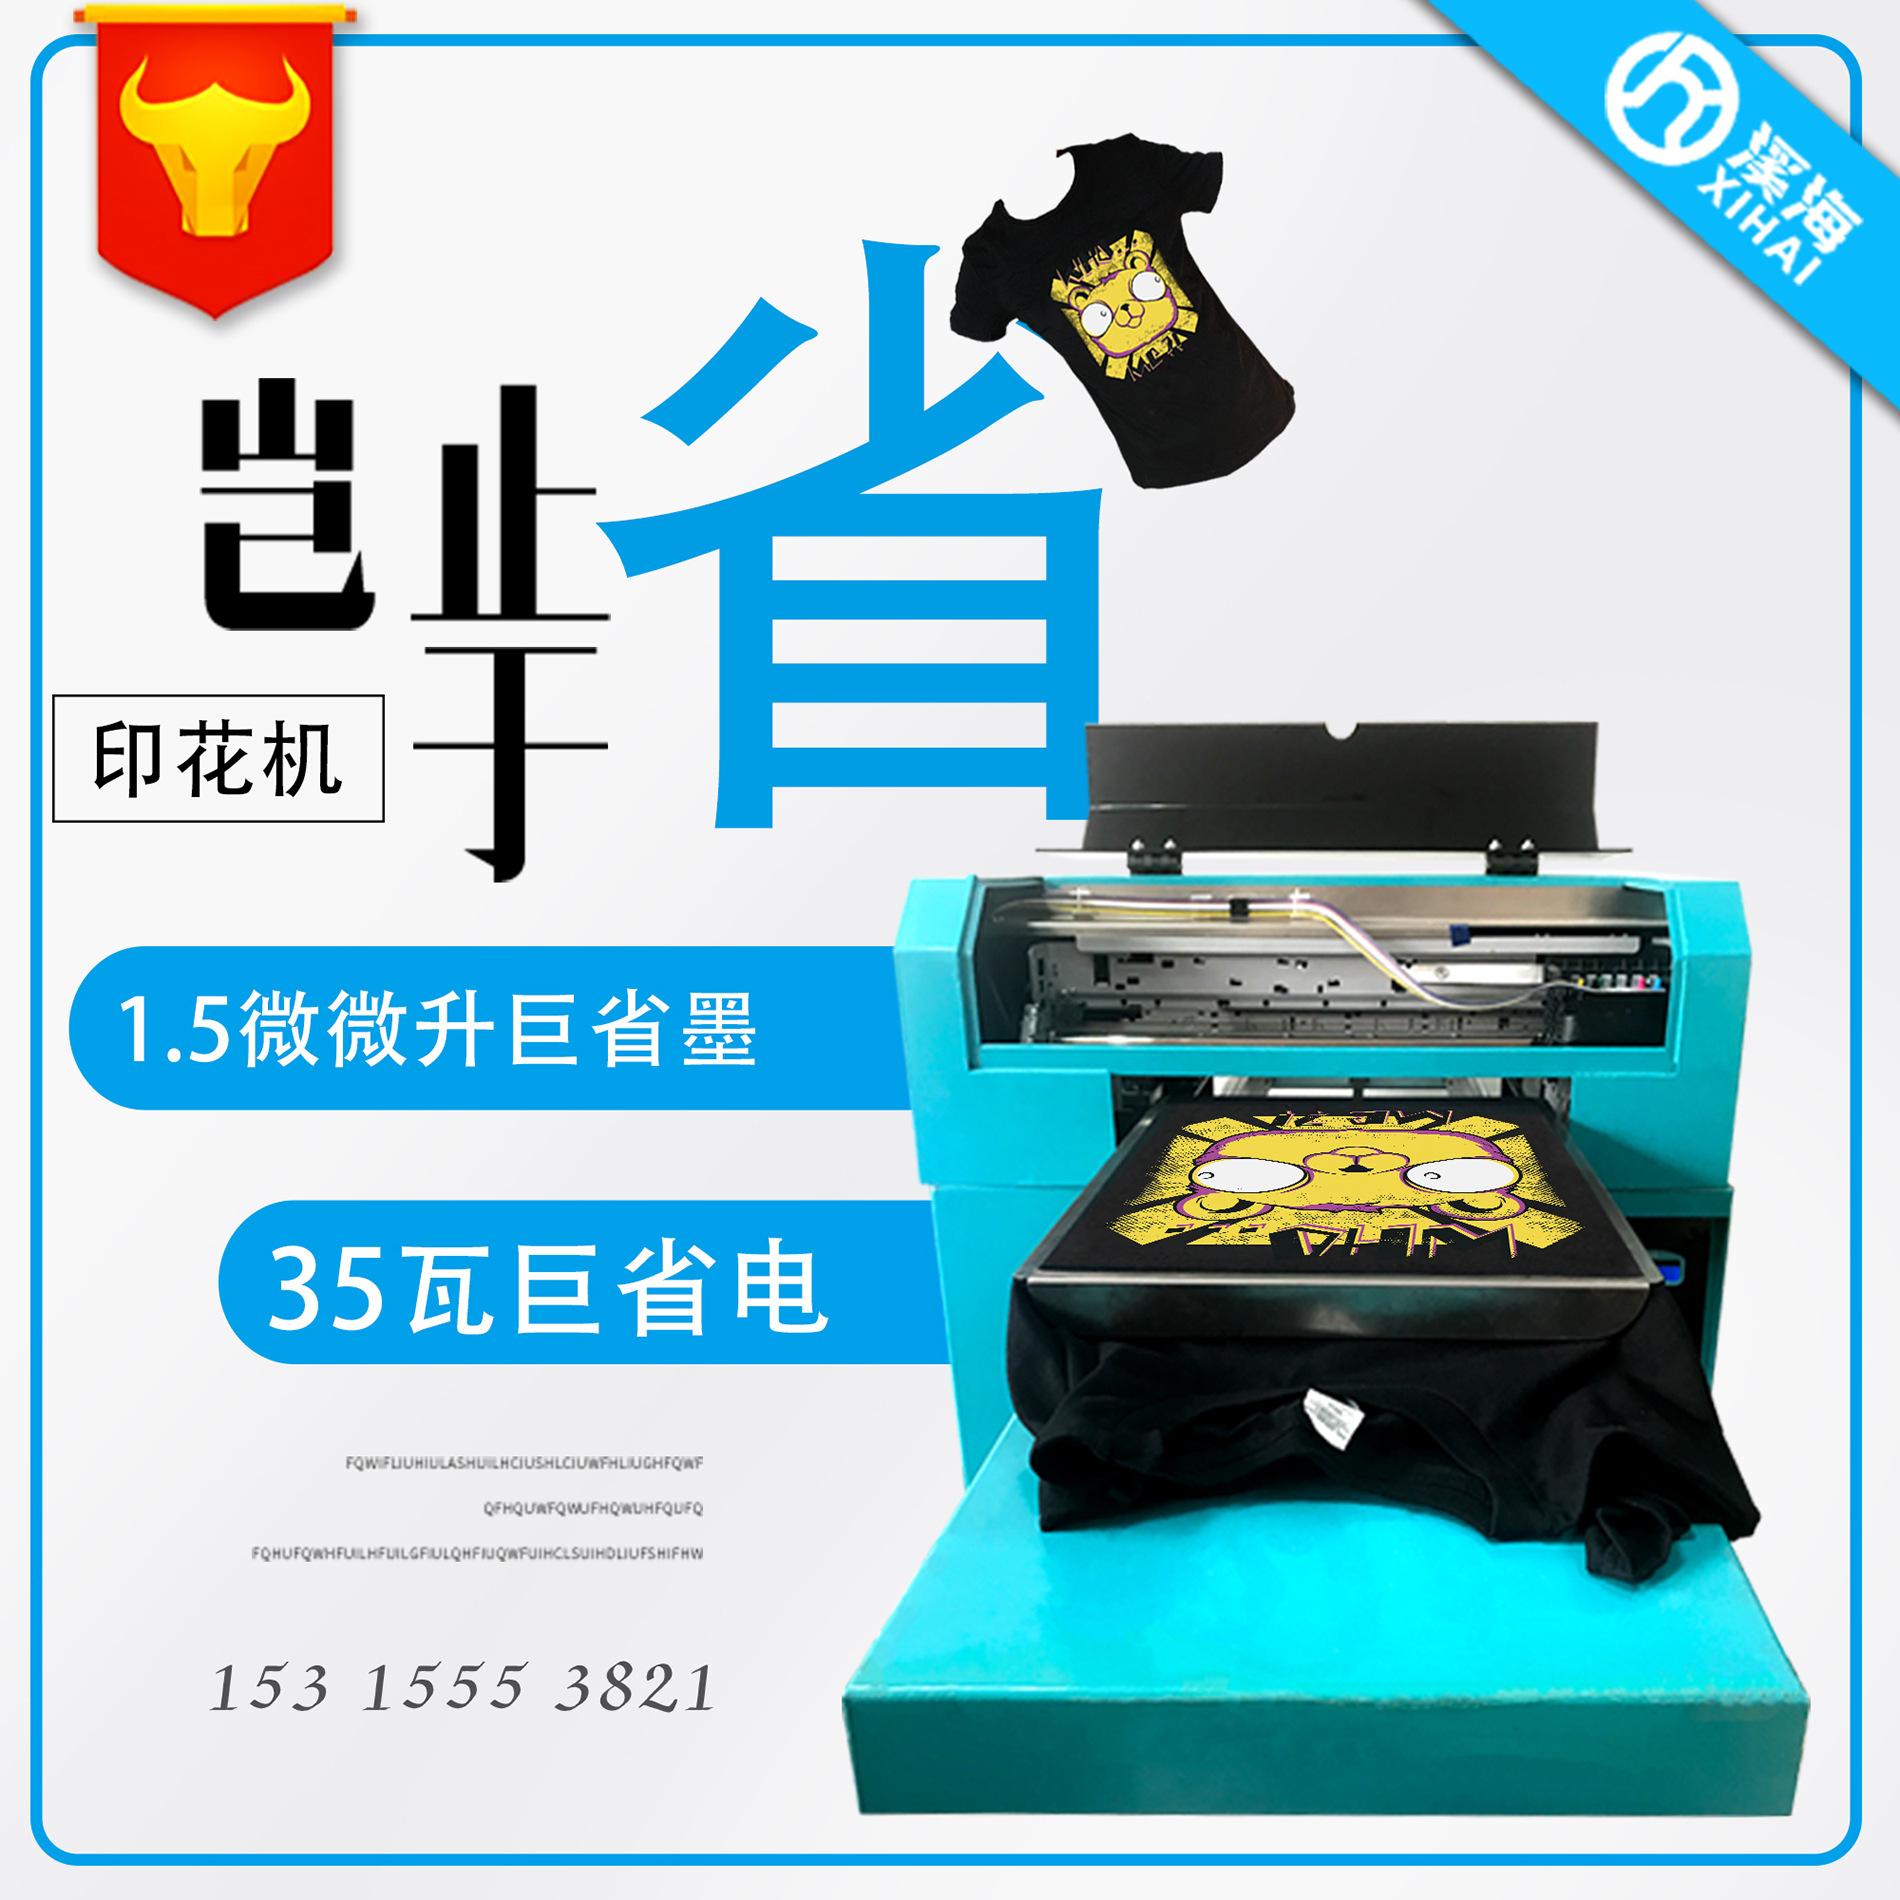 山西t恤印花機服裝數碼印花機夏季創業衣服小型直噴打印機